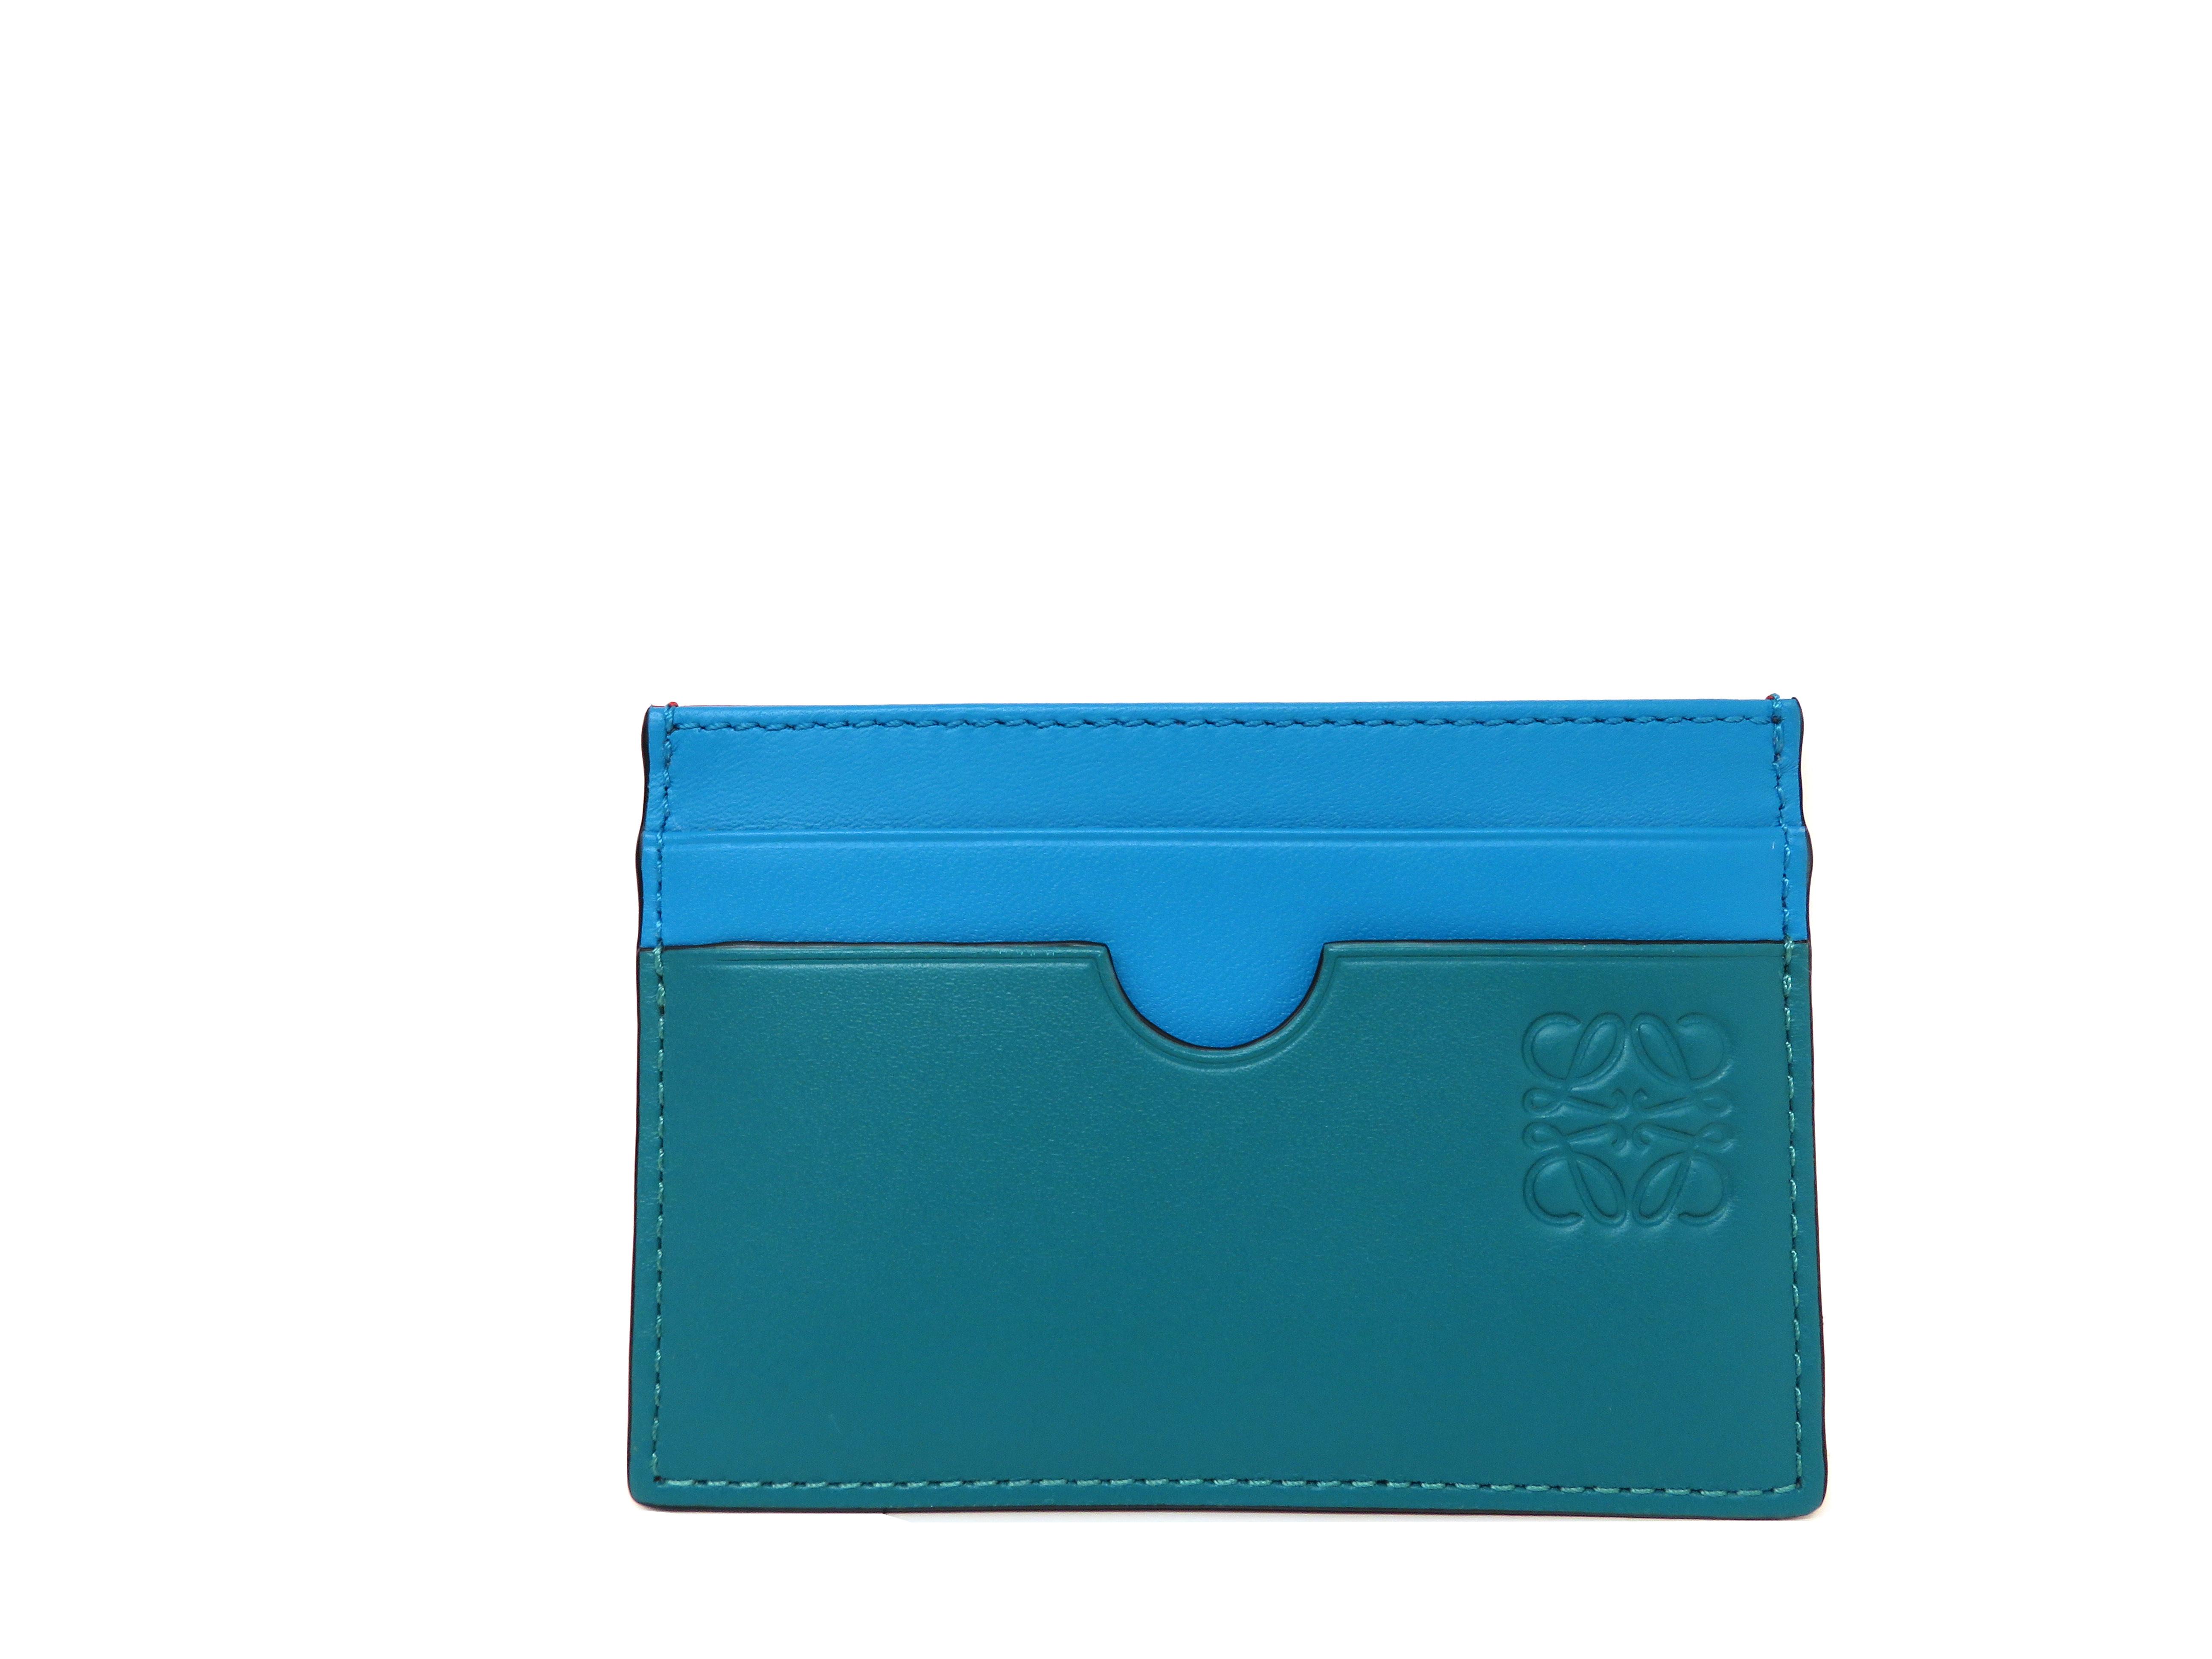 LOEWE ロエベ 小物 カードケース マルチカラー カーフ【432】